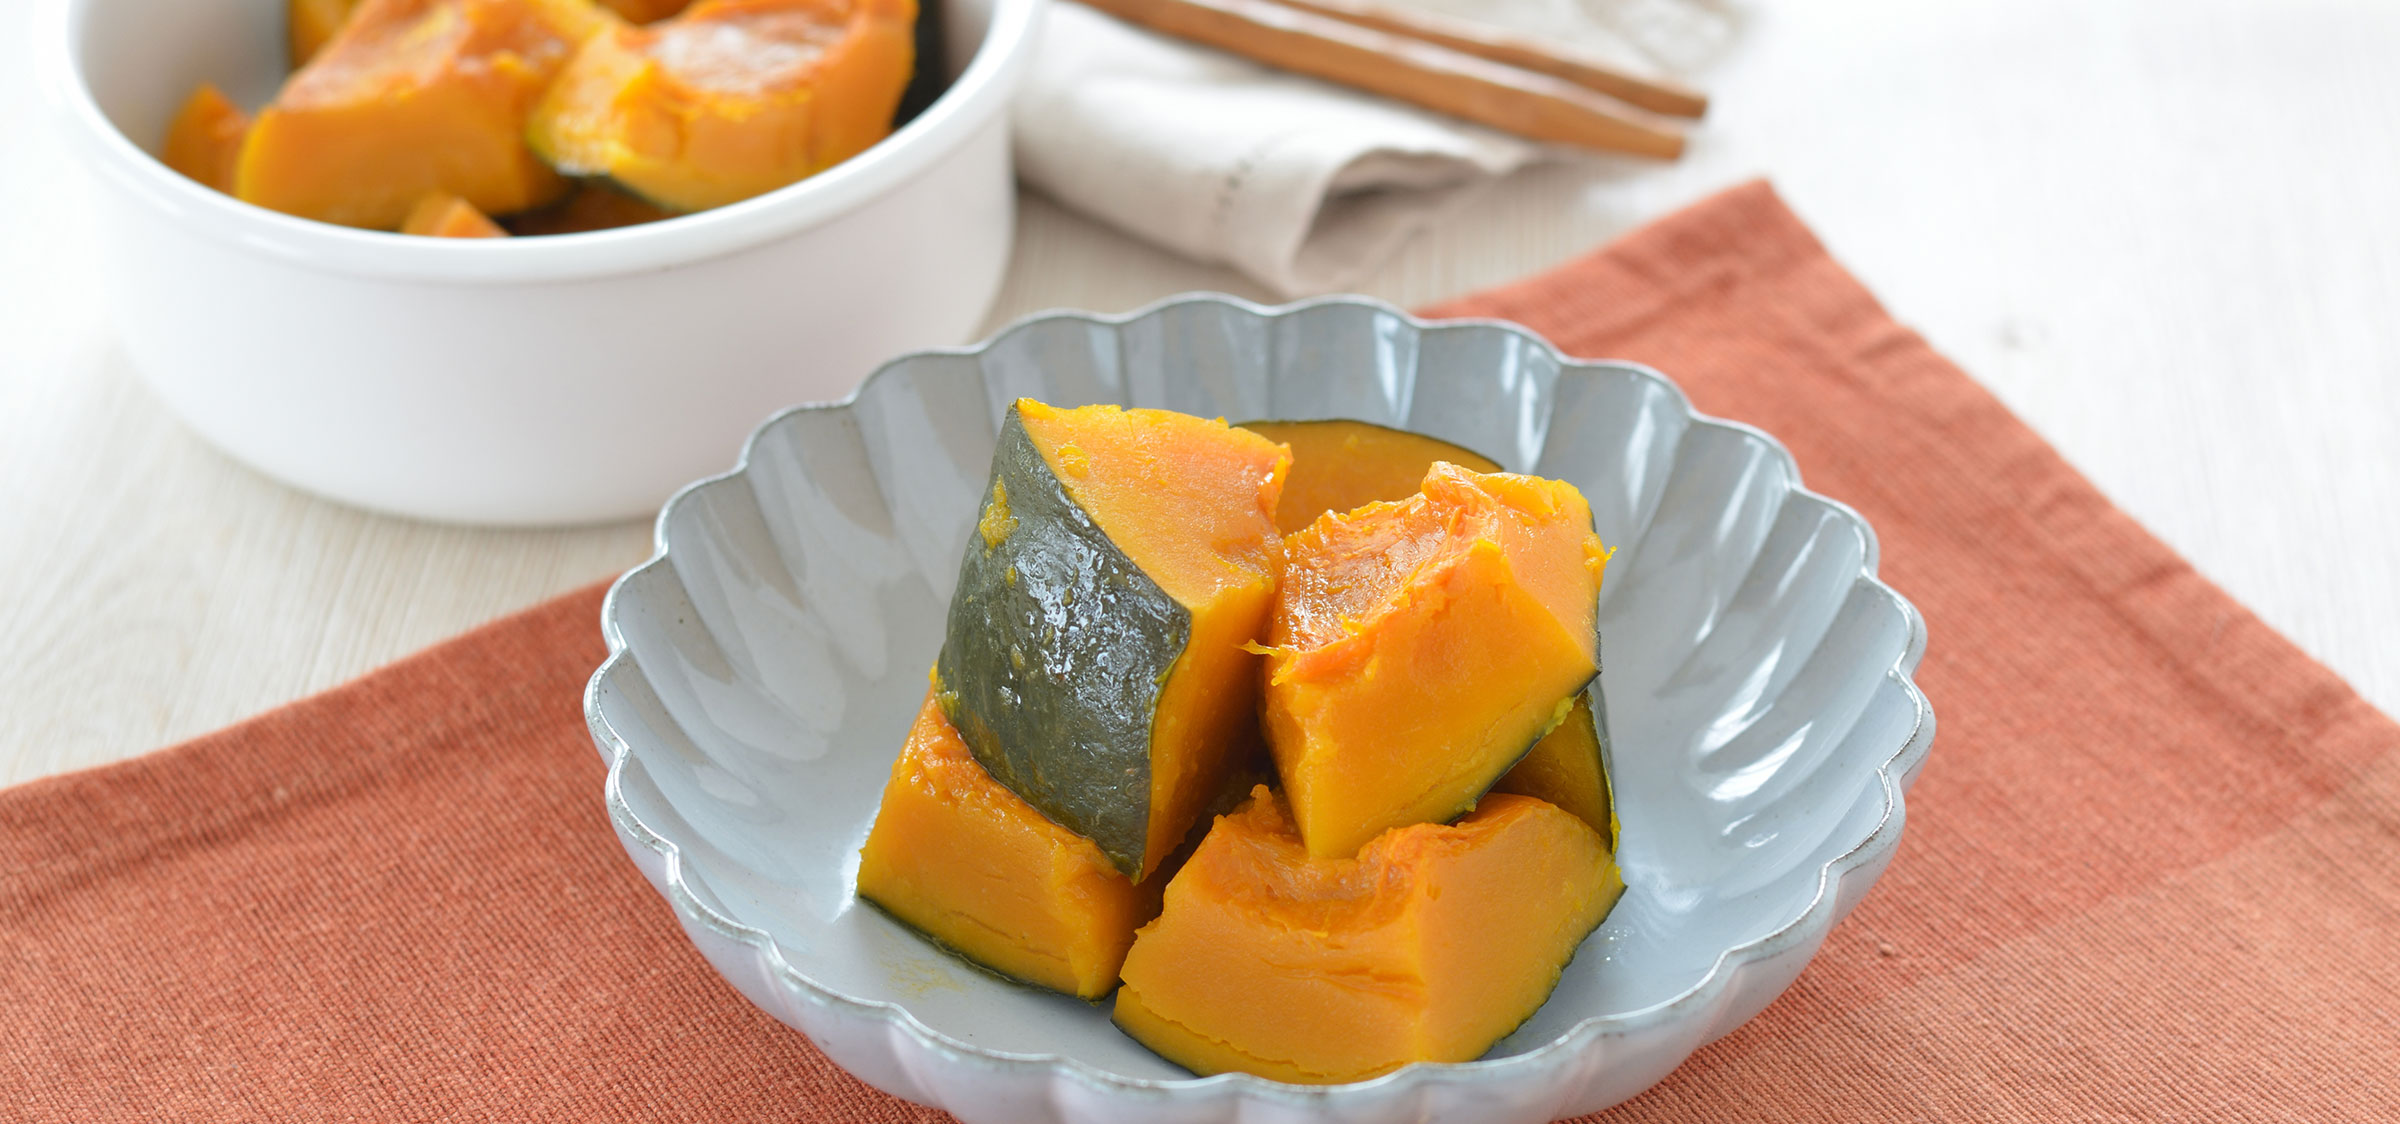 ≪ちょりママ考案≫かぼちゃの塩バター煮